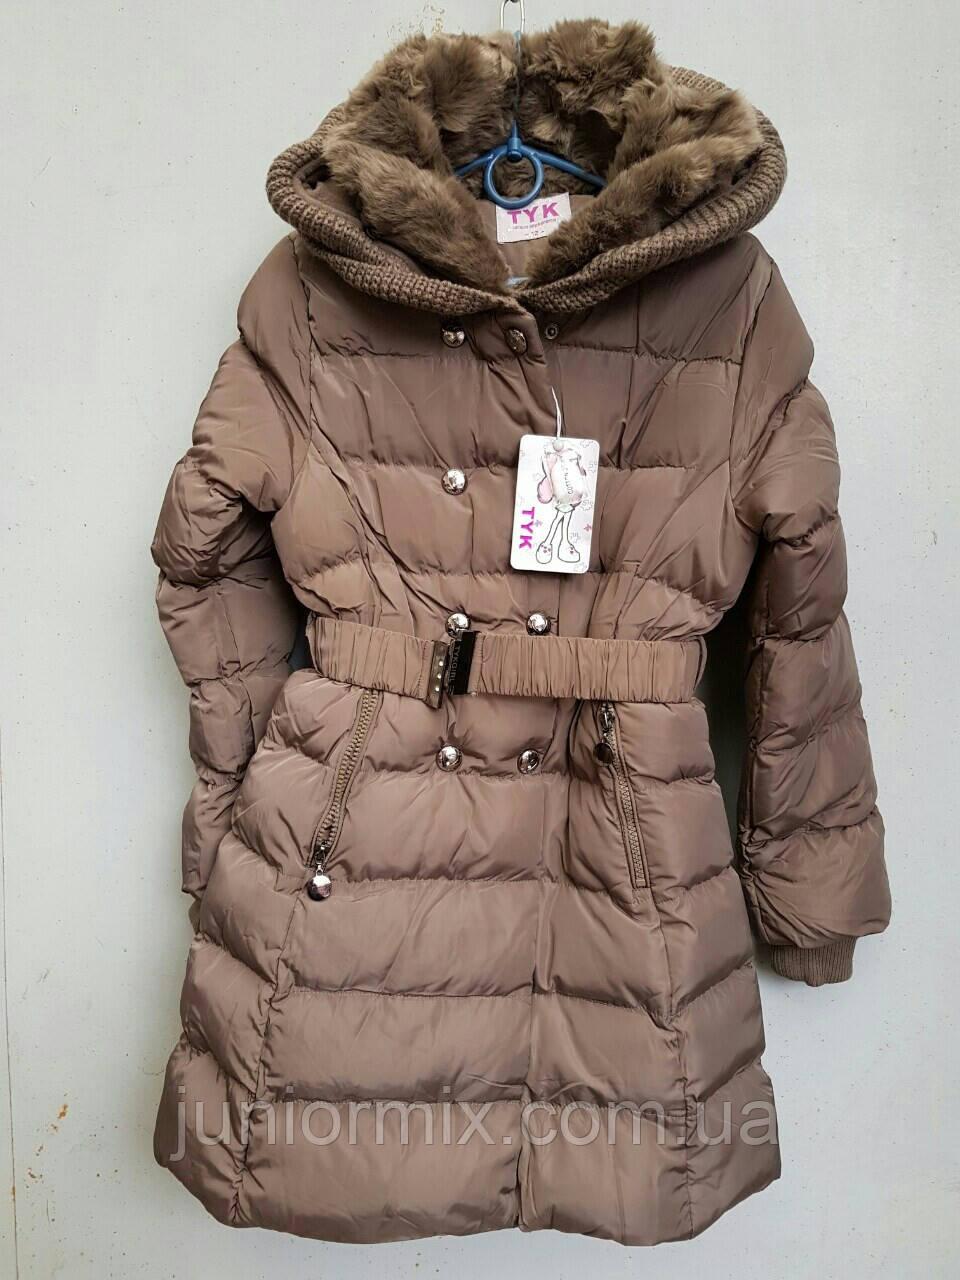 6a11f880eafe Купить Куртка зимняя на девочку под пояс TYK. в Хмельницком от компании